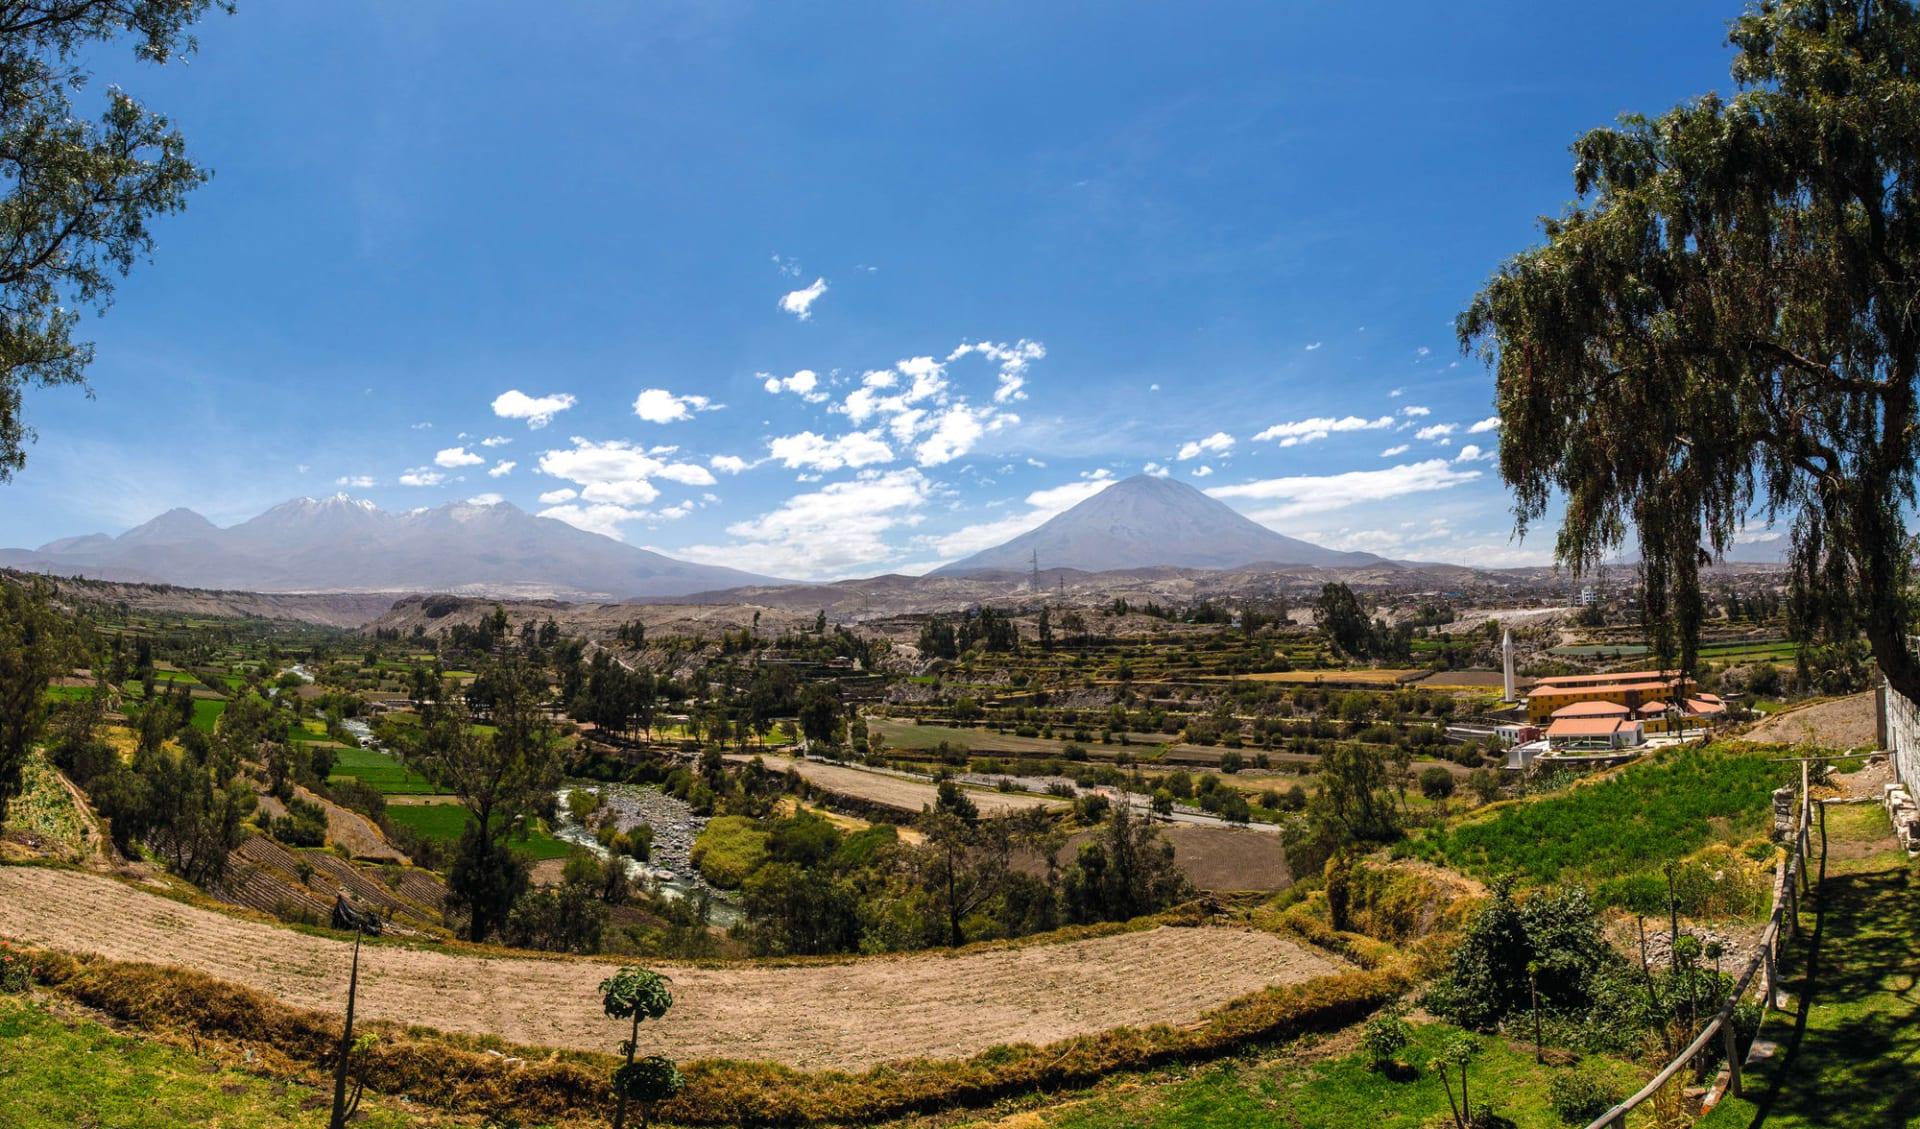 Lima - Nazca - Arequipa: Arequipa